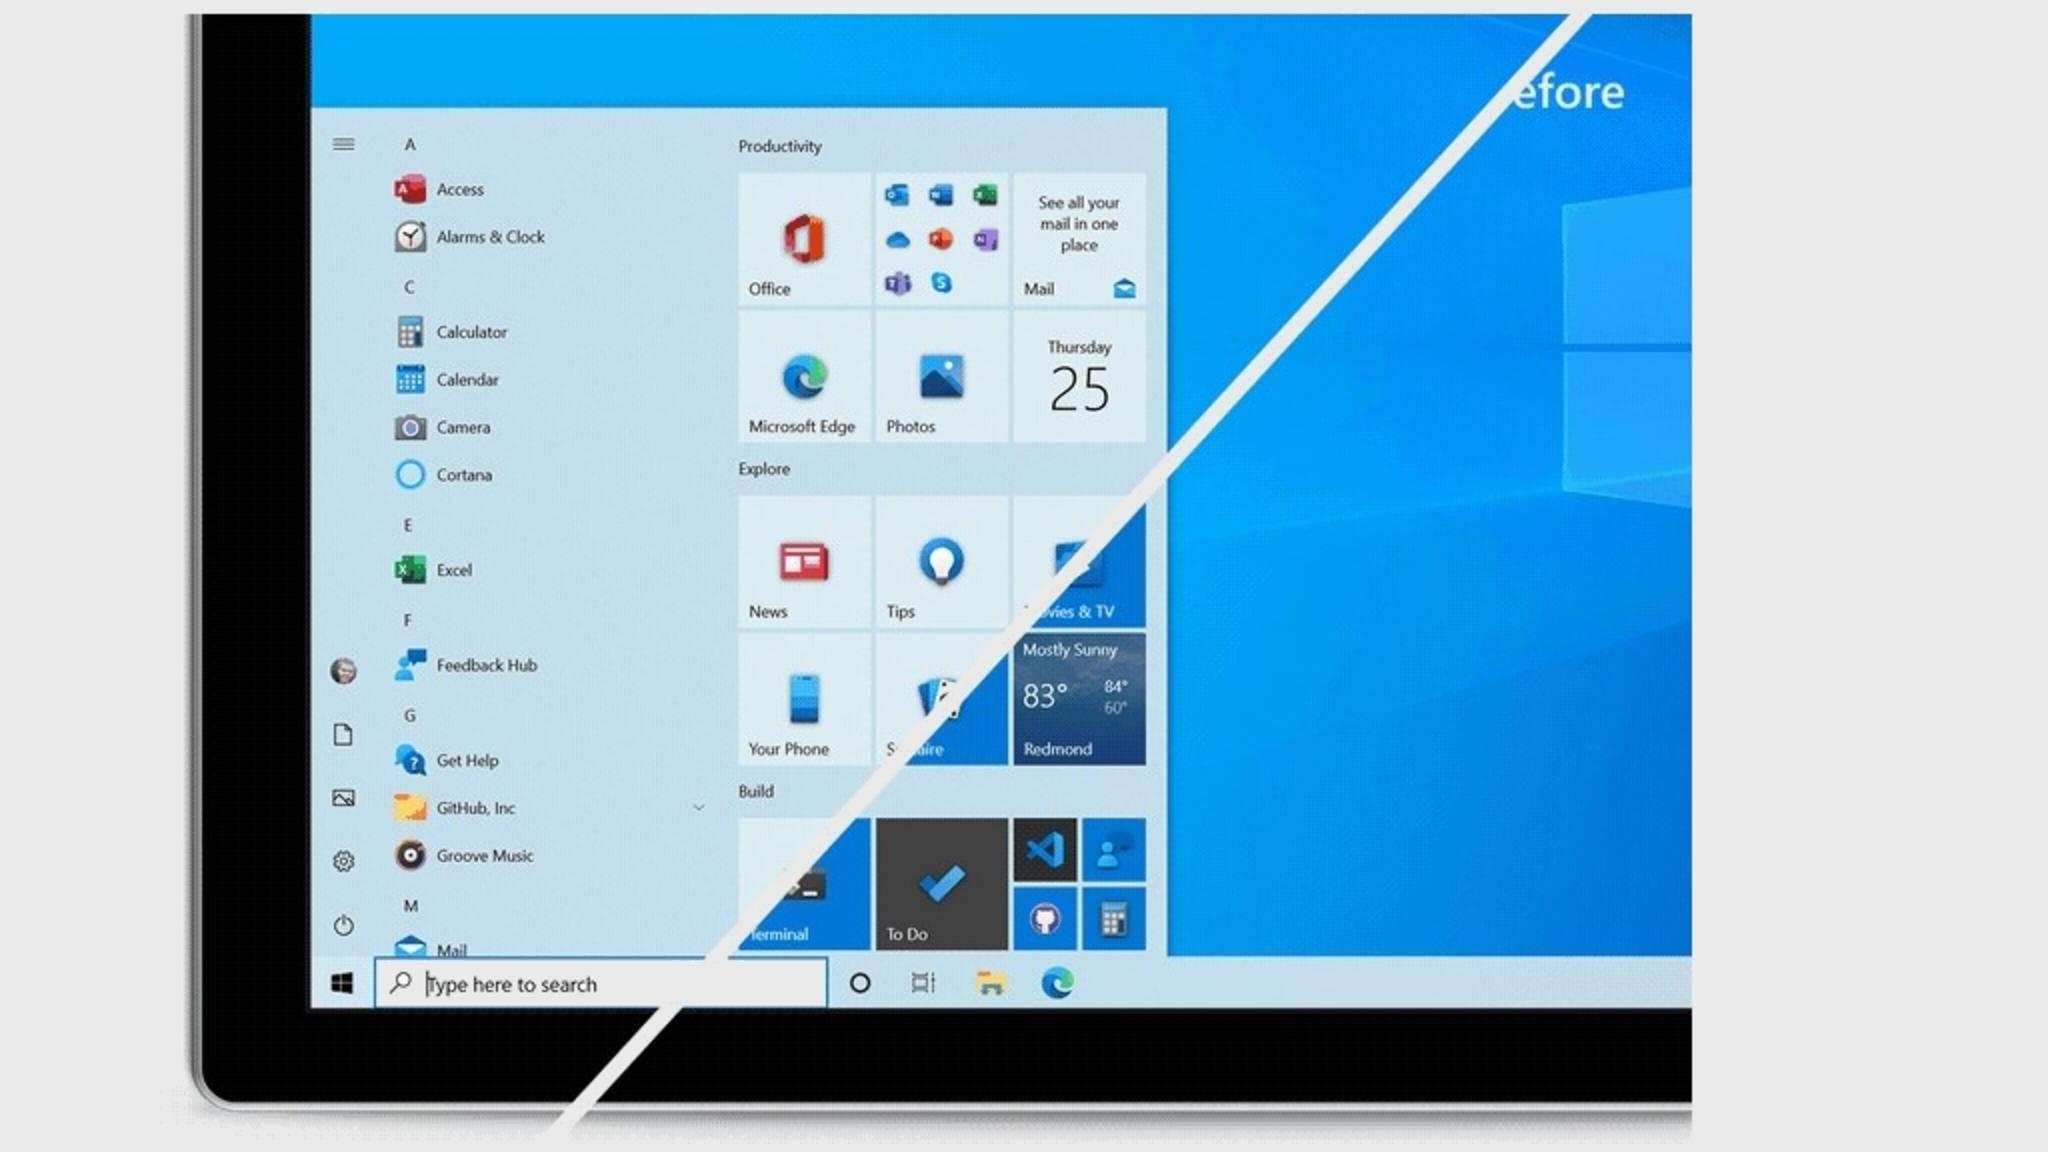 Der obere Teil des Bildes zeigt das überarbeitete Startmenü von Windows 10.